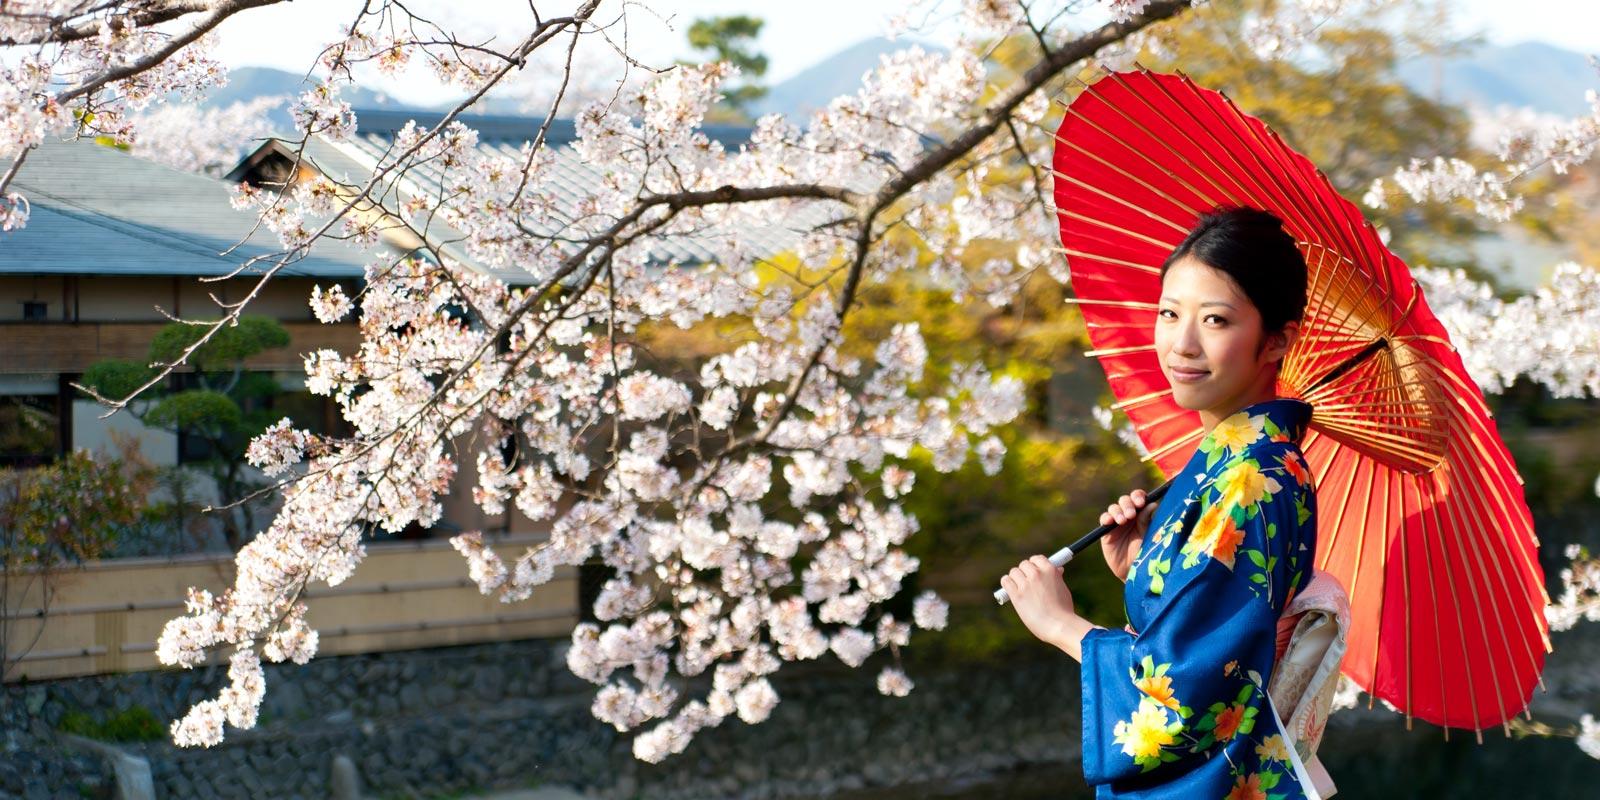 Traditionellt klädd japansk kvinna med rött paraply under körsbärsblom.